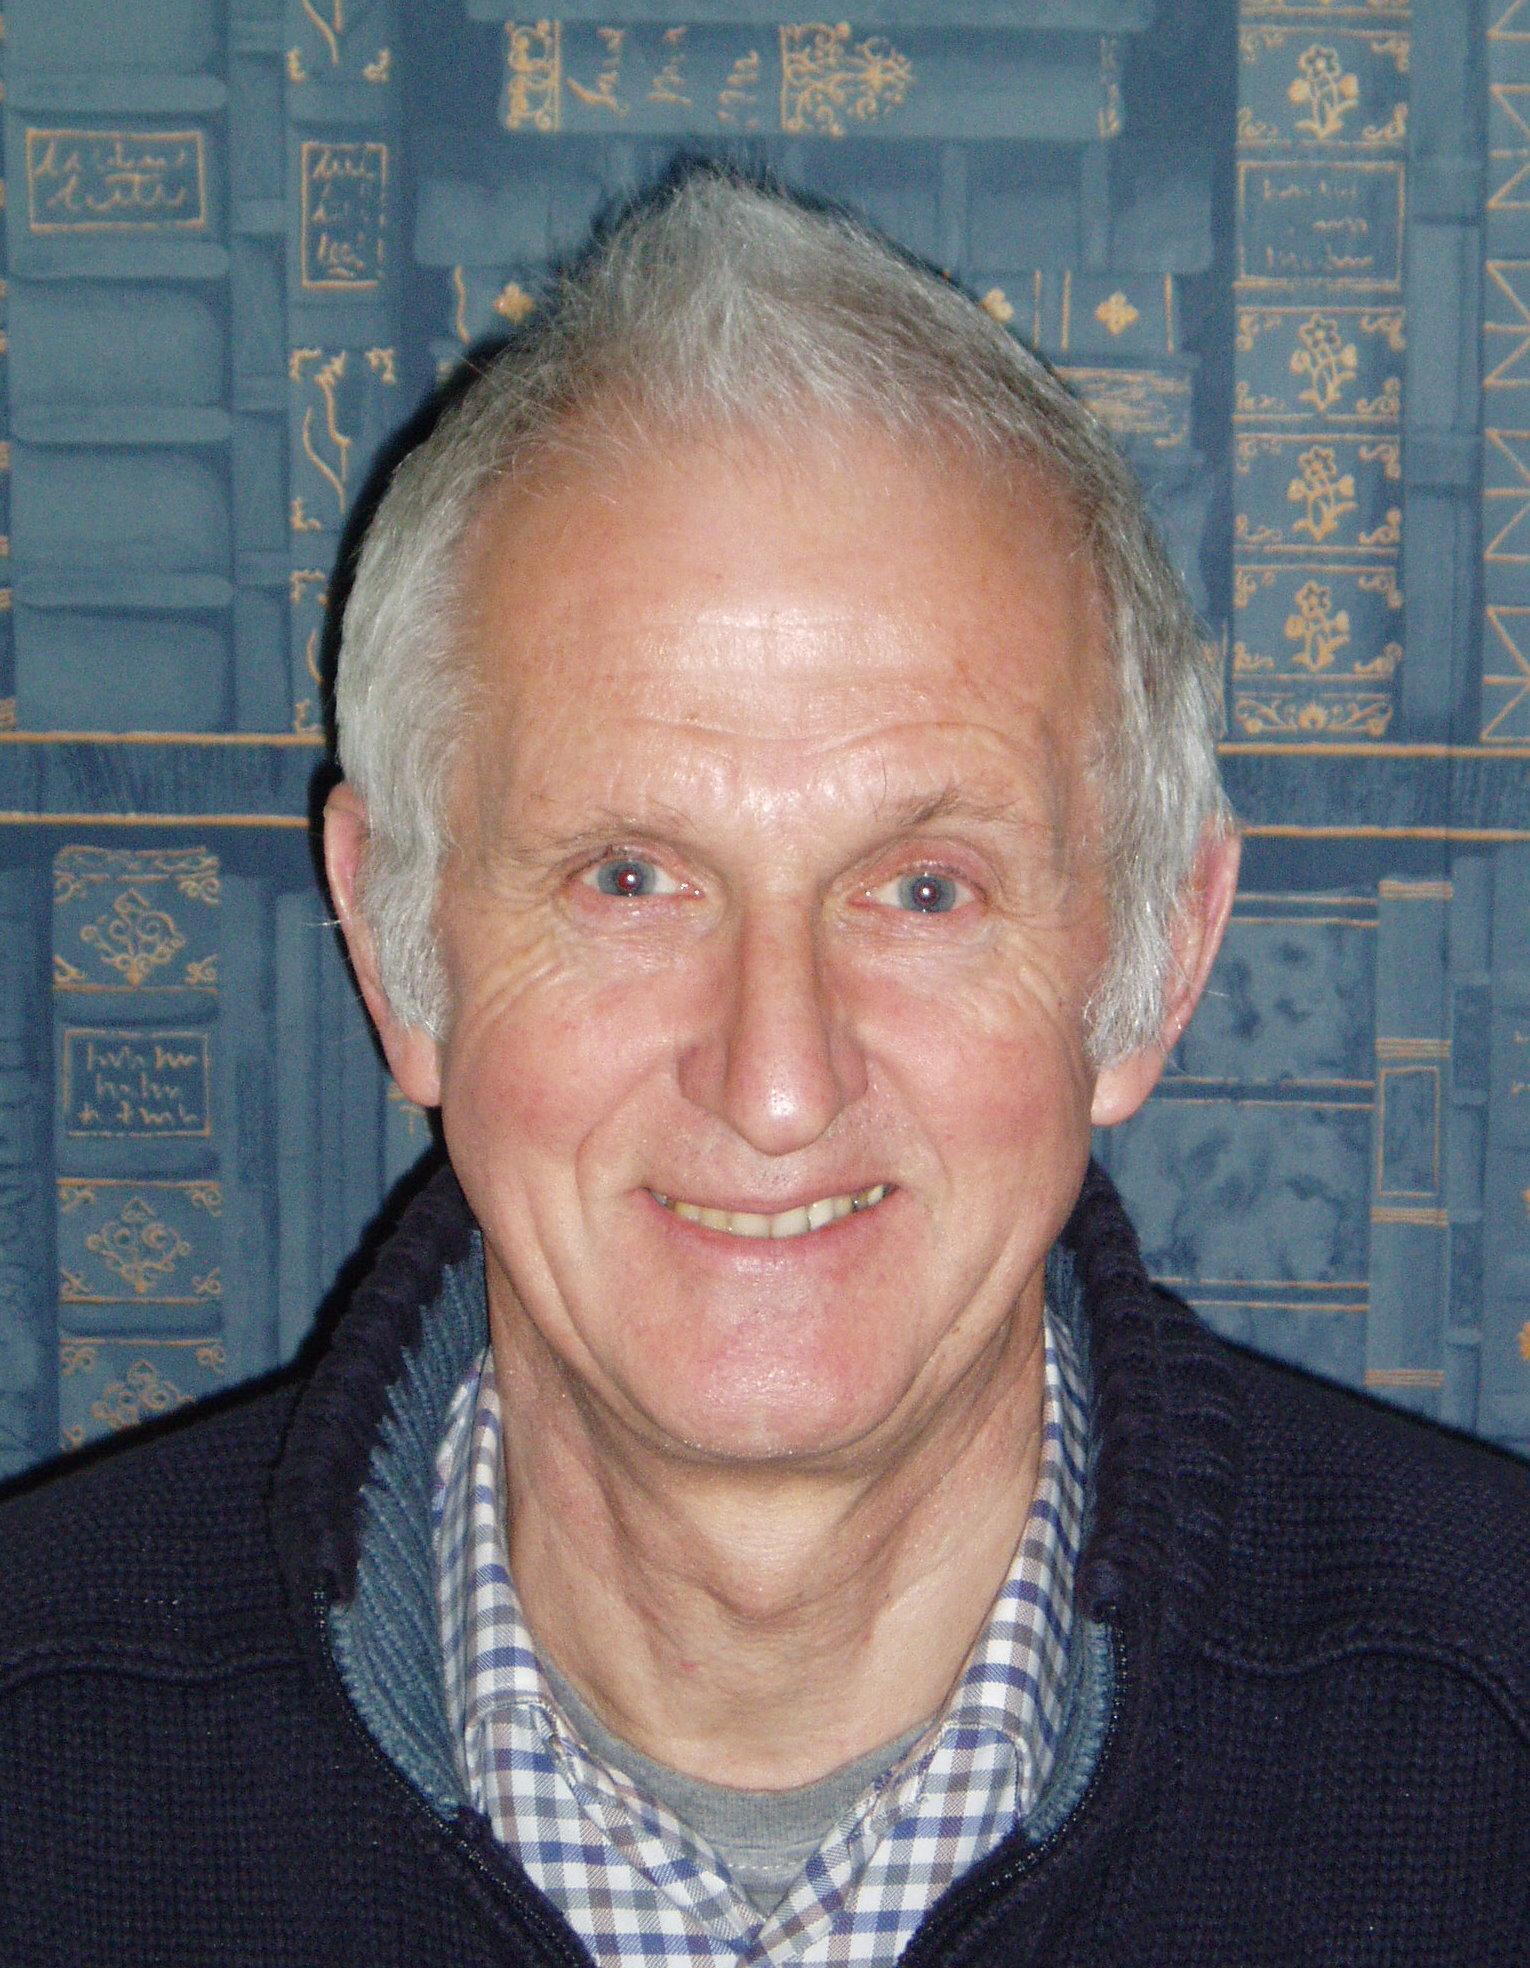 Gordon Jarvie